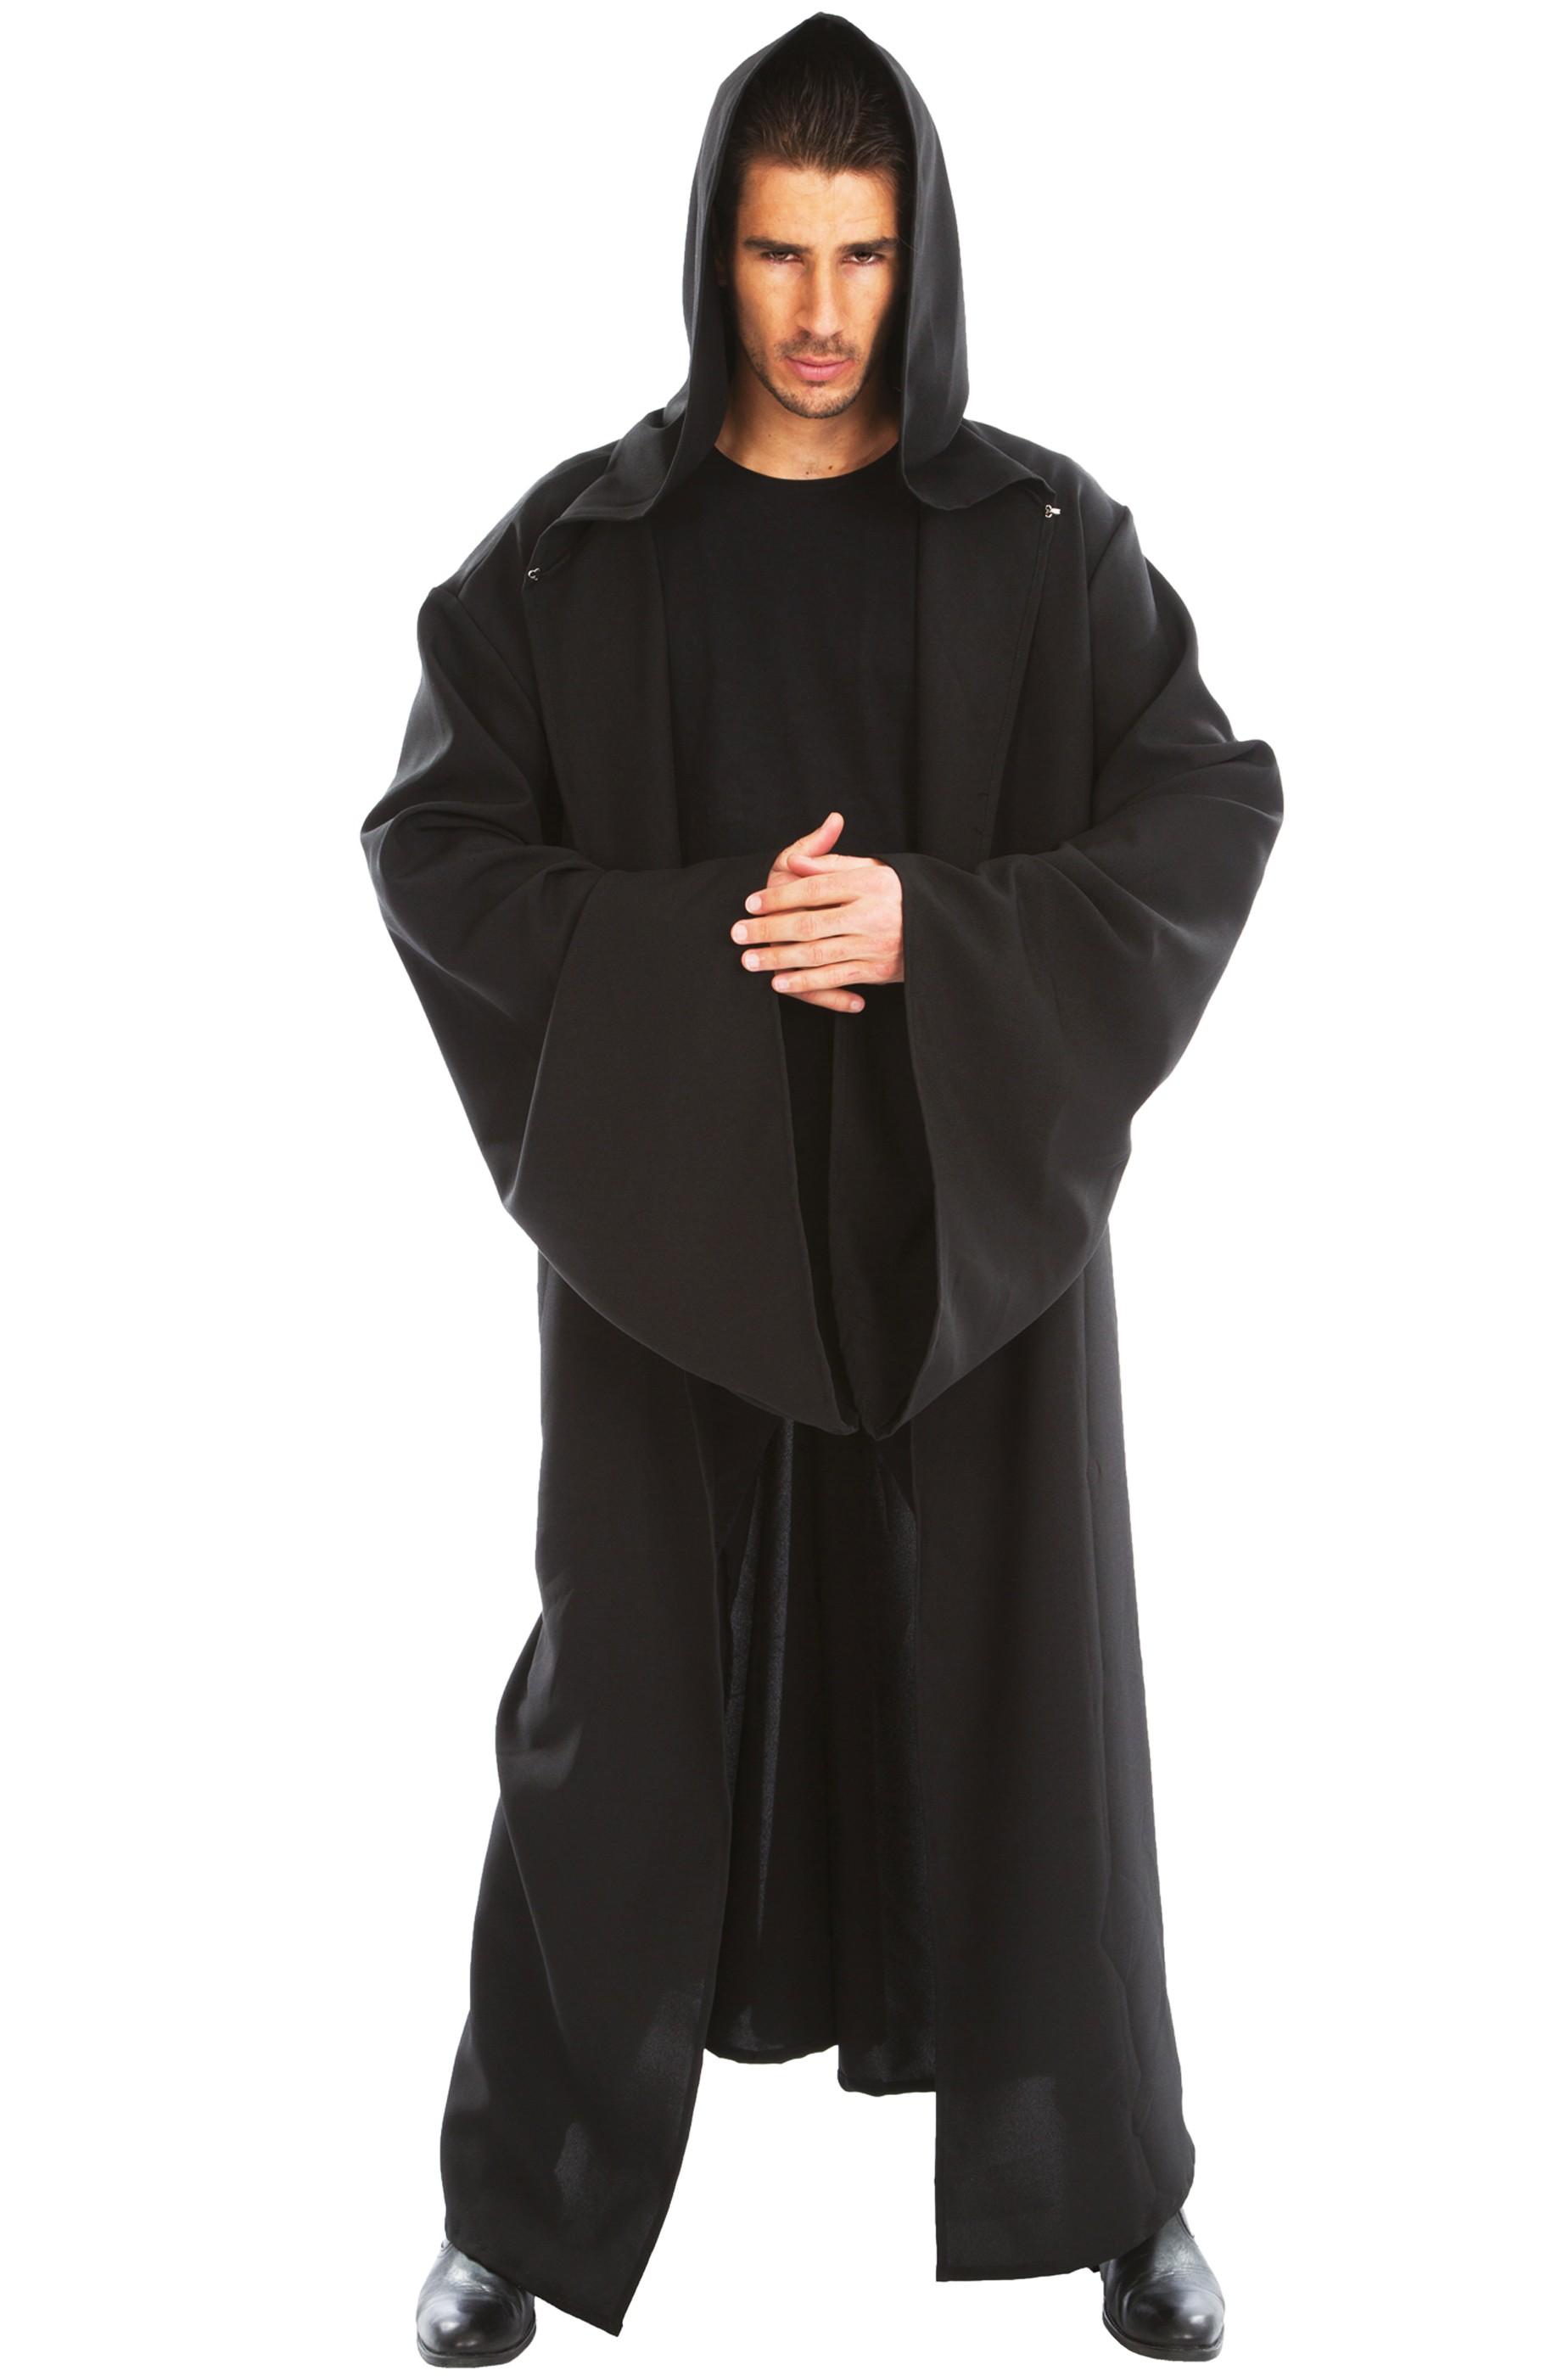 cheap for discount ef7de 7accf Tunica nera medievale con grandi maniche 180cm